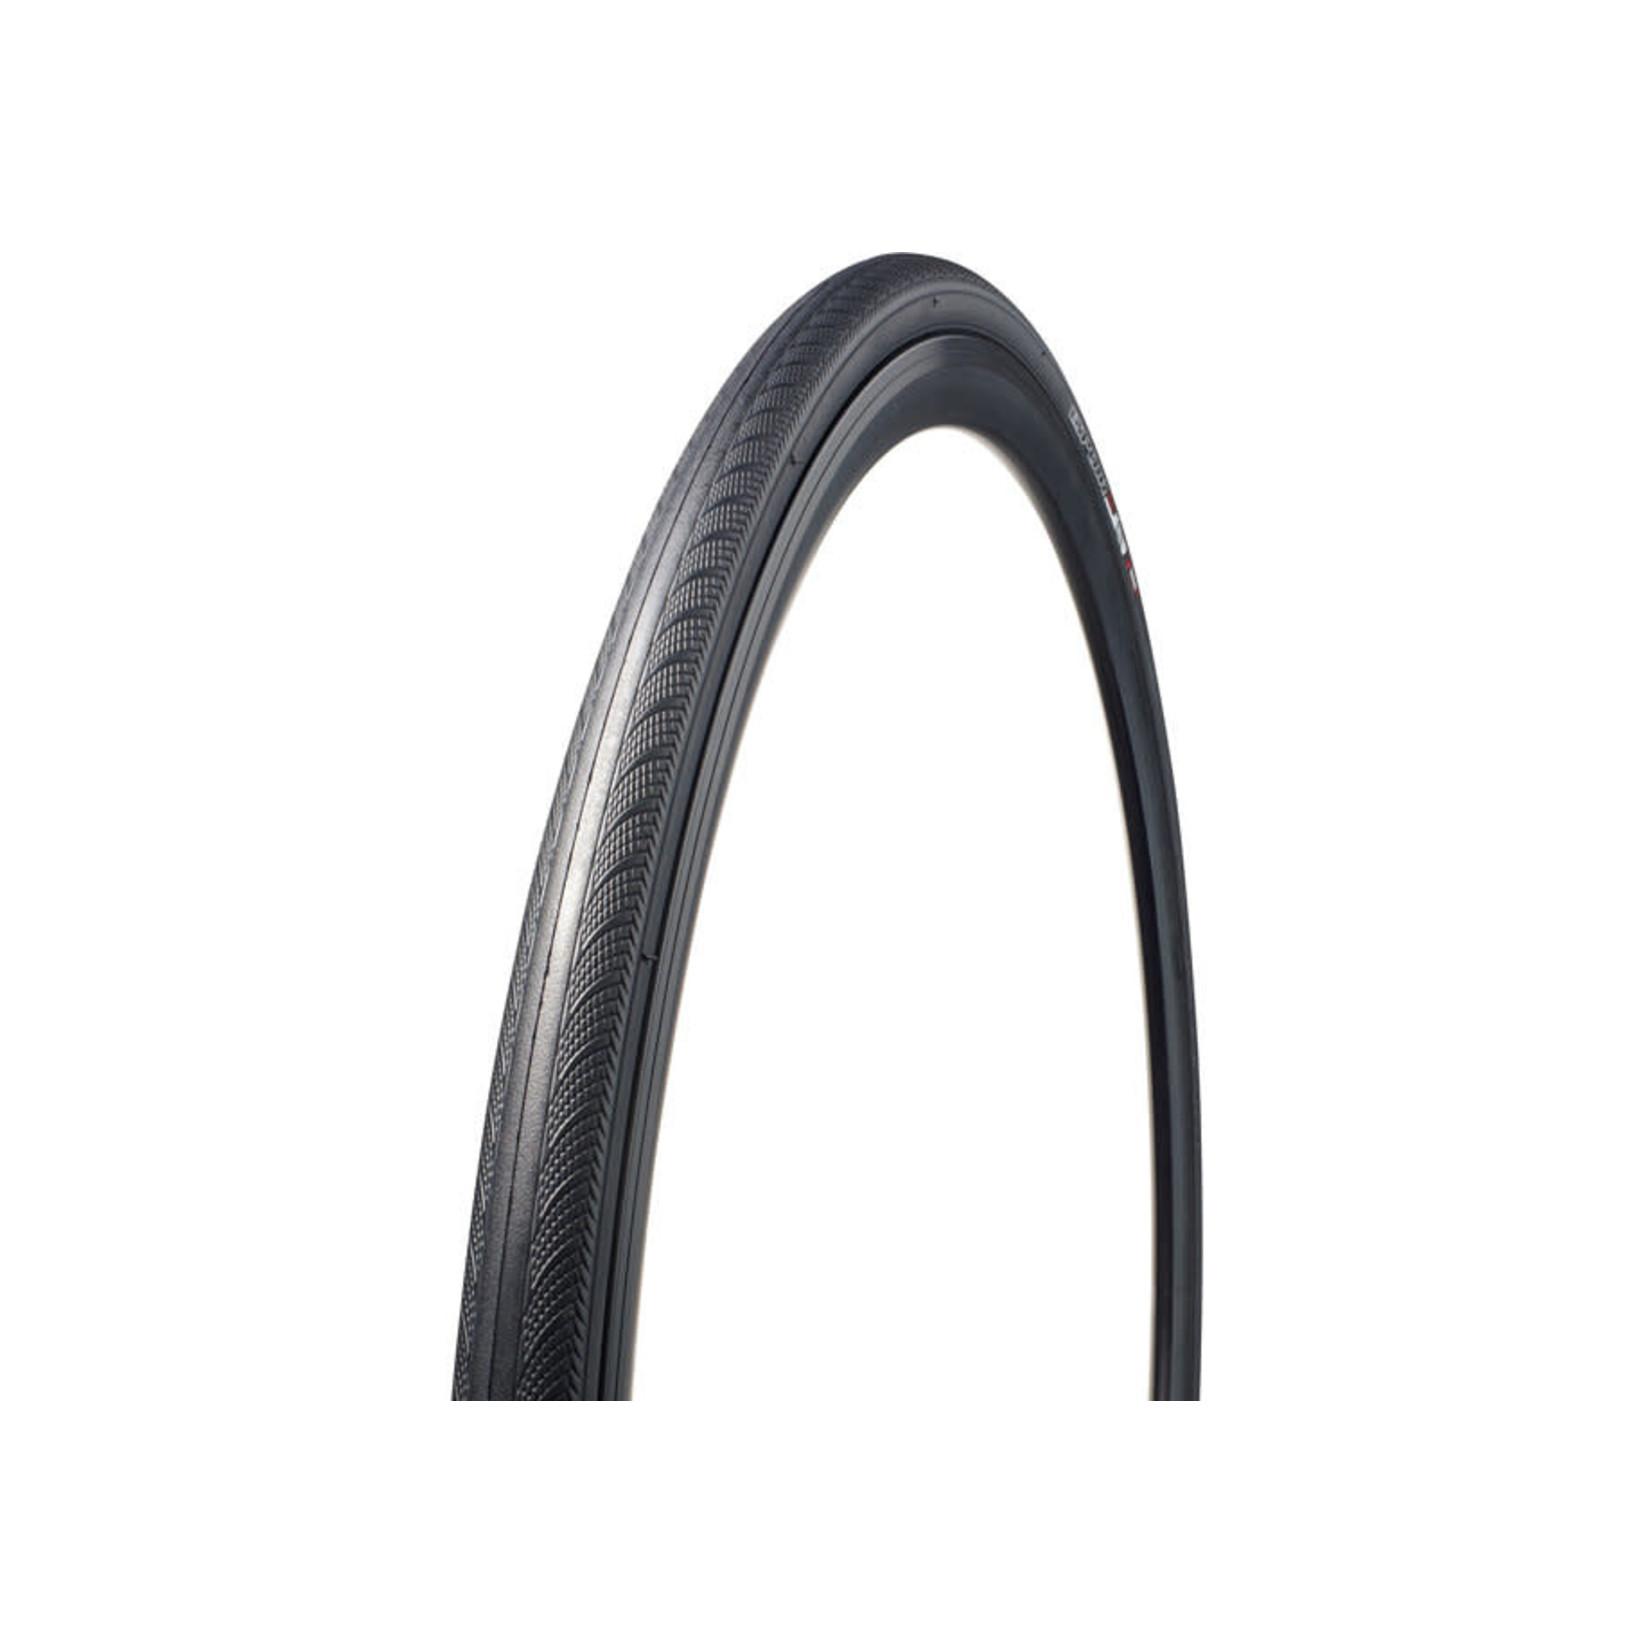 Specialized Specialized Espoir Elite Folding Bead Tire, 700 x 23c